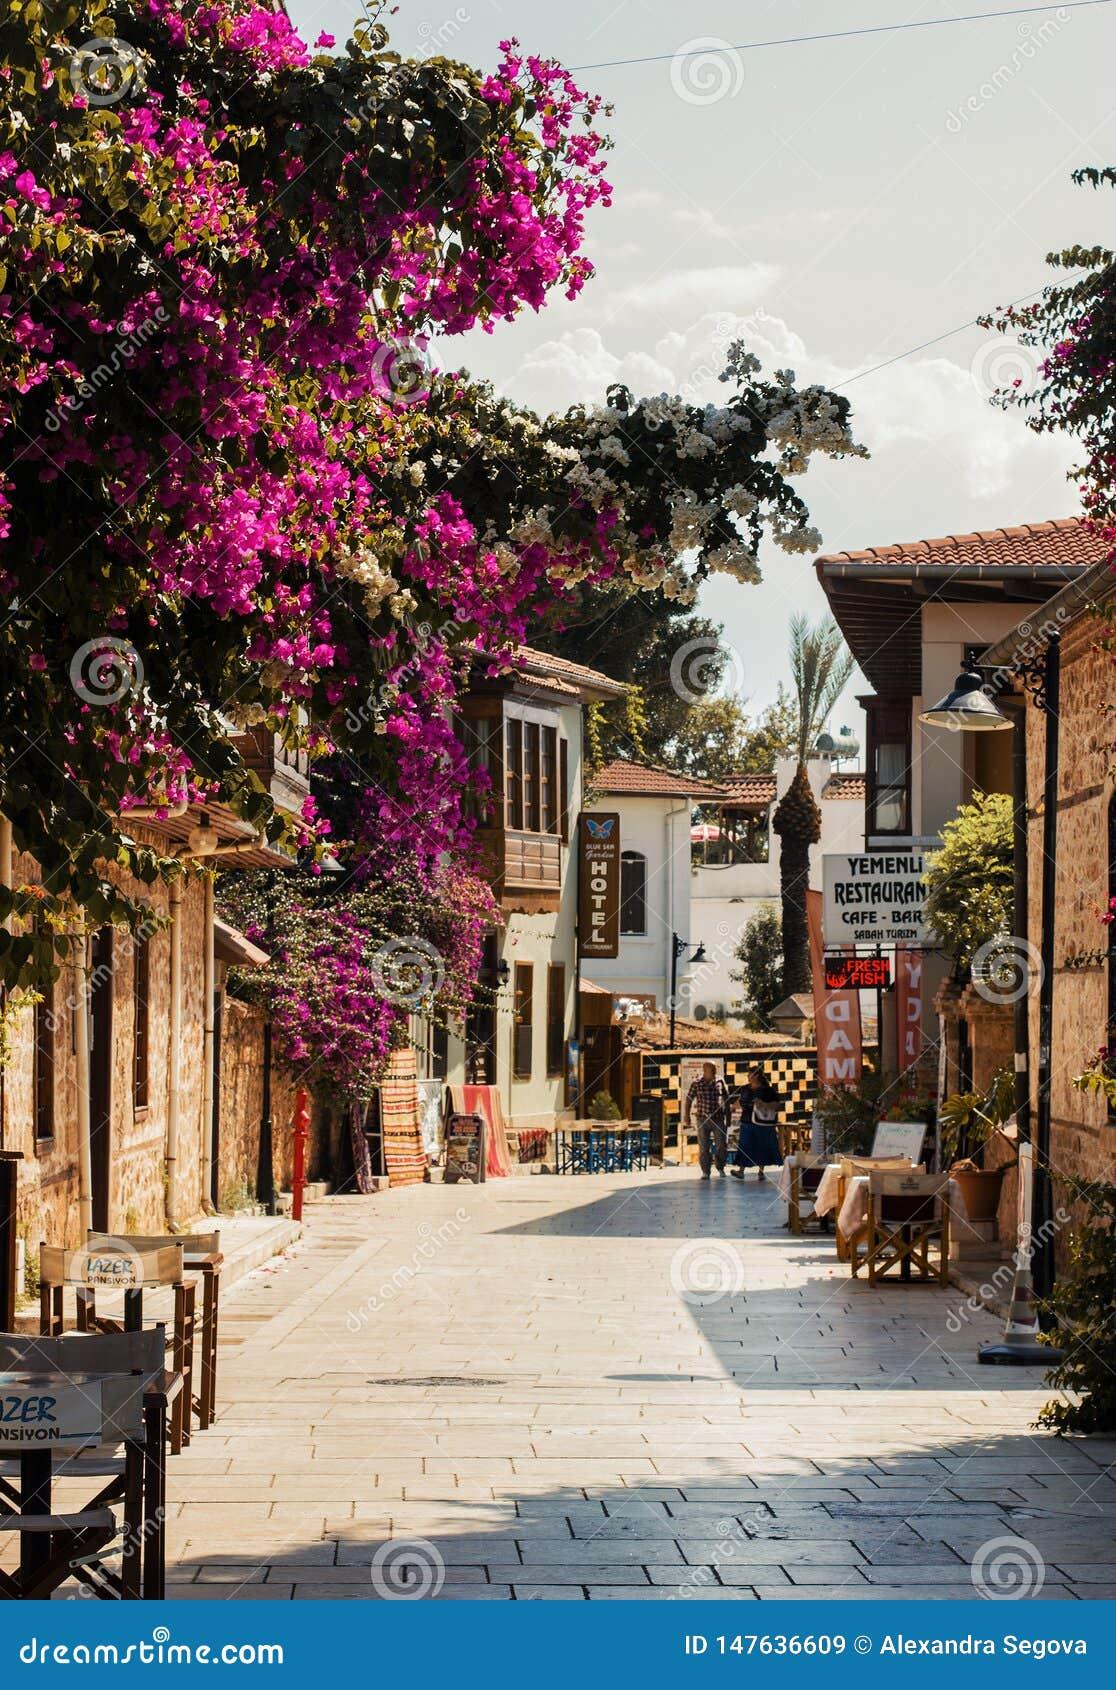 Sonnige gehende Straße mit blühenden purpurroten Blumen in historischer Mitte Antalyas - Kaleici, die Türkei